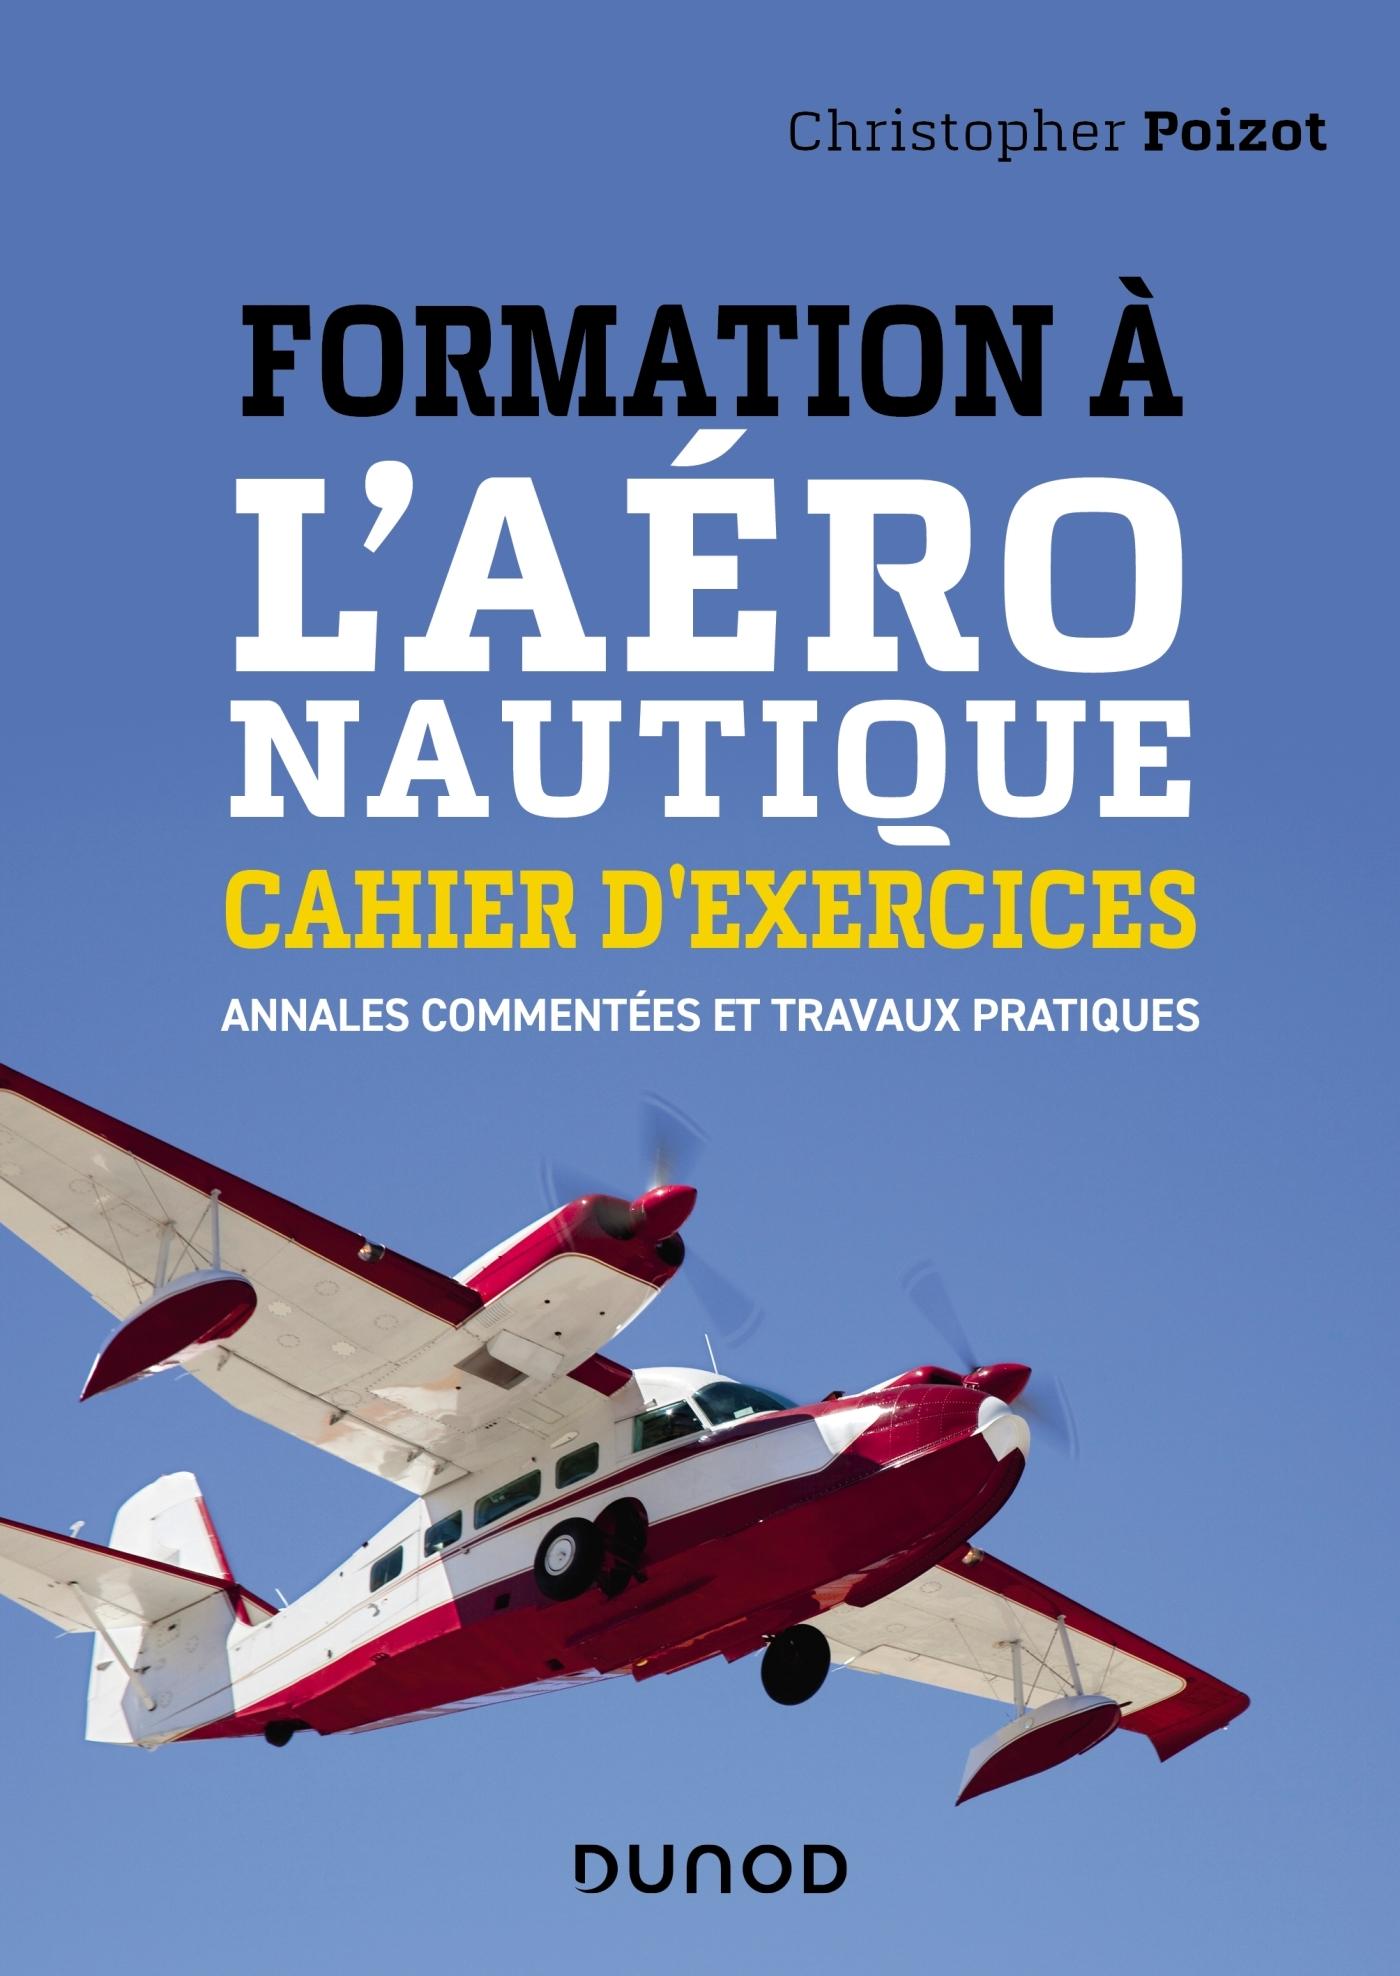 FORMATION A L'AERONAUTIQUE - CAHIER D'EXERCICES - ANNALES COMMENTEES ET TRAVAUX PRATIQUES